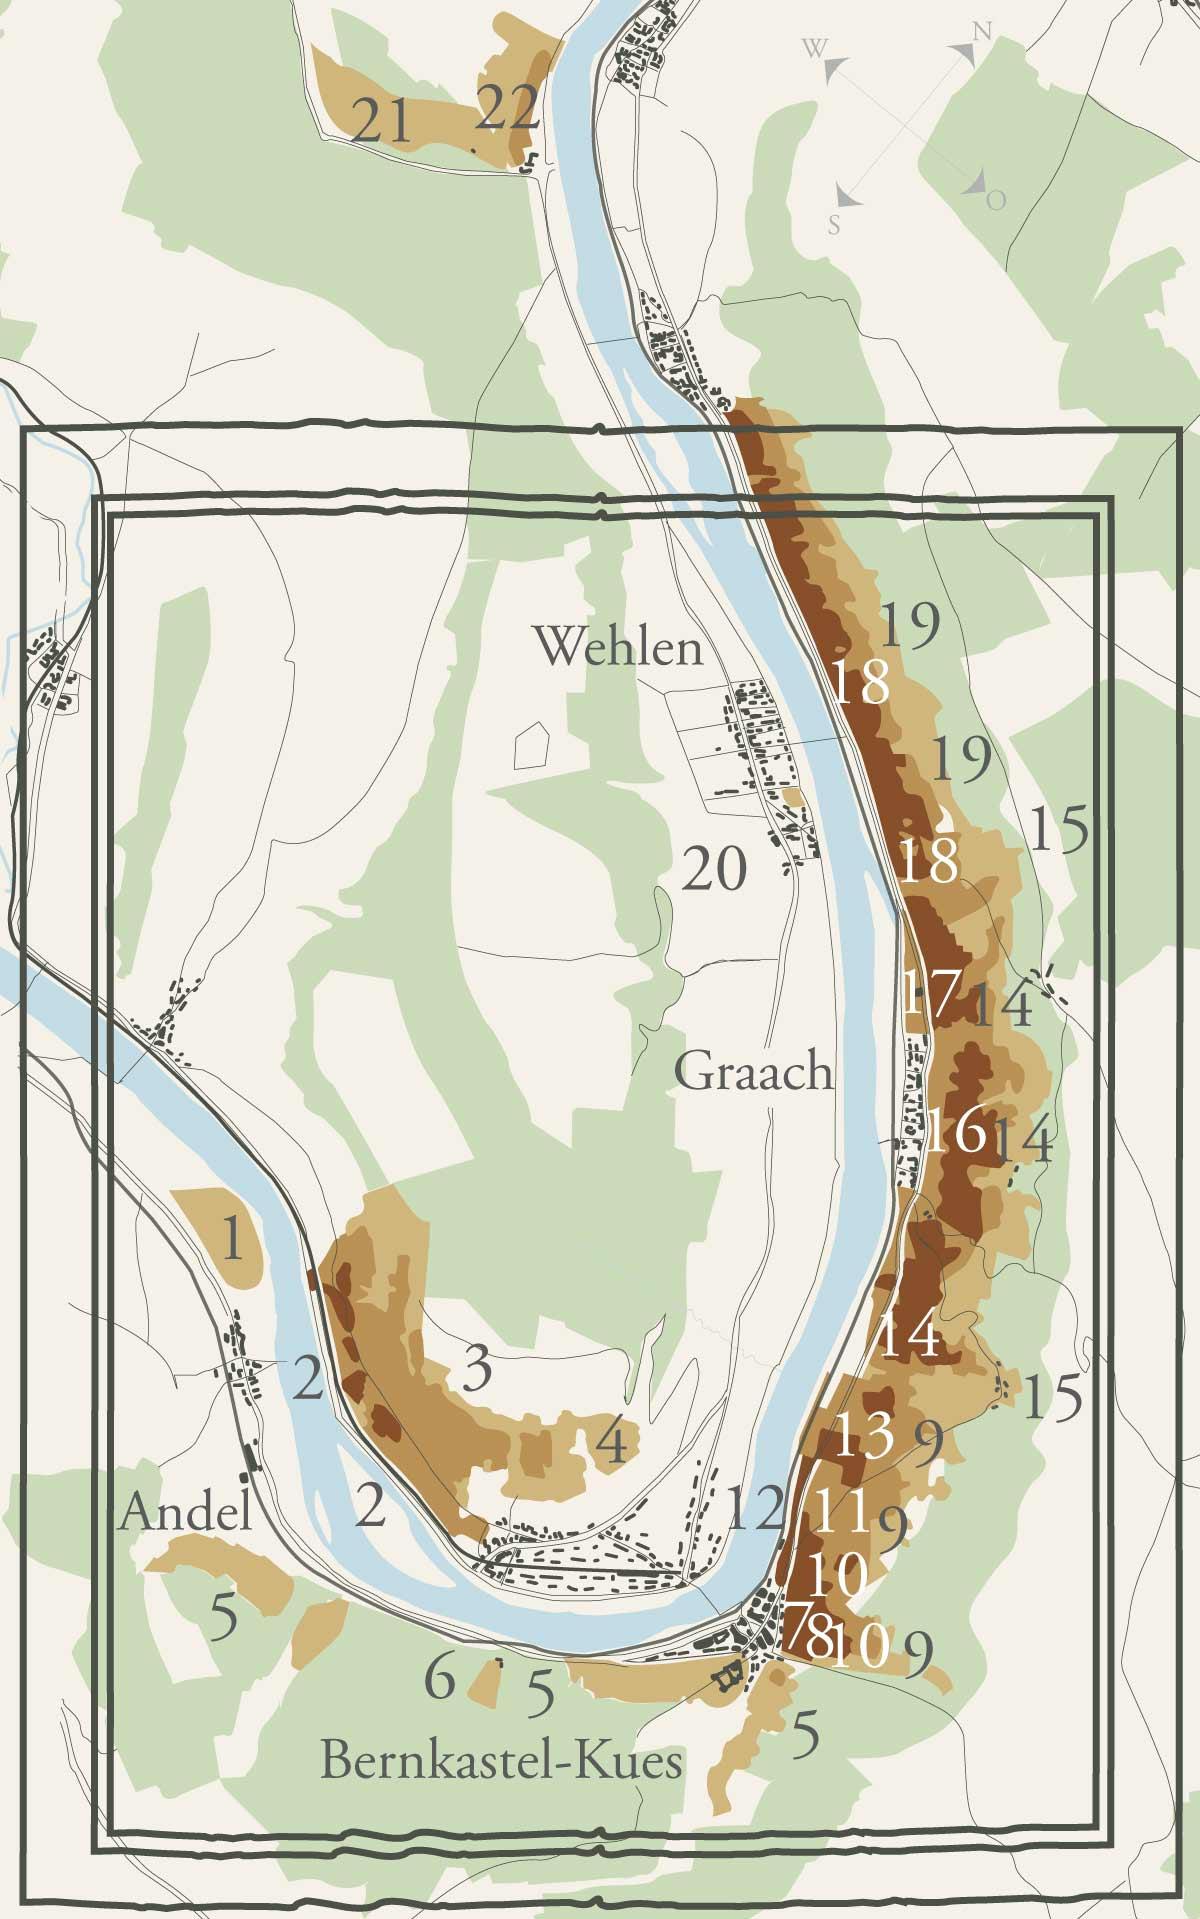 Weinbau-Karte des Ortes Bernkastel-Kues, Andel, Graach und Wehlen. Es sind alle Weinberge in der Gegend eingezeichnet.